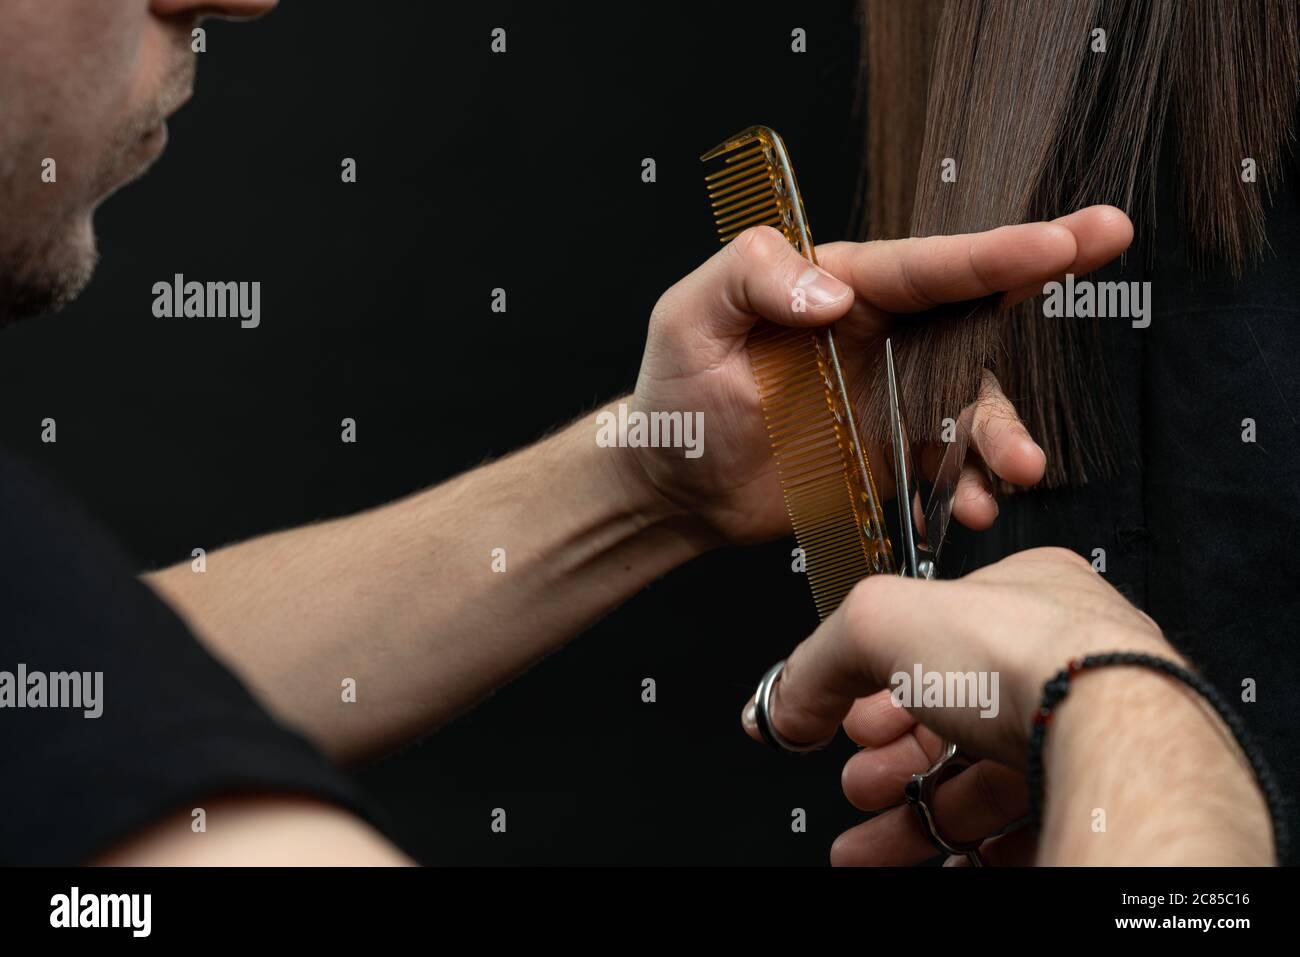 Un gros plan de coiffeur mains couper les cheveux, coiffeur avec le client Banque D'Images